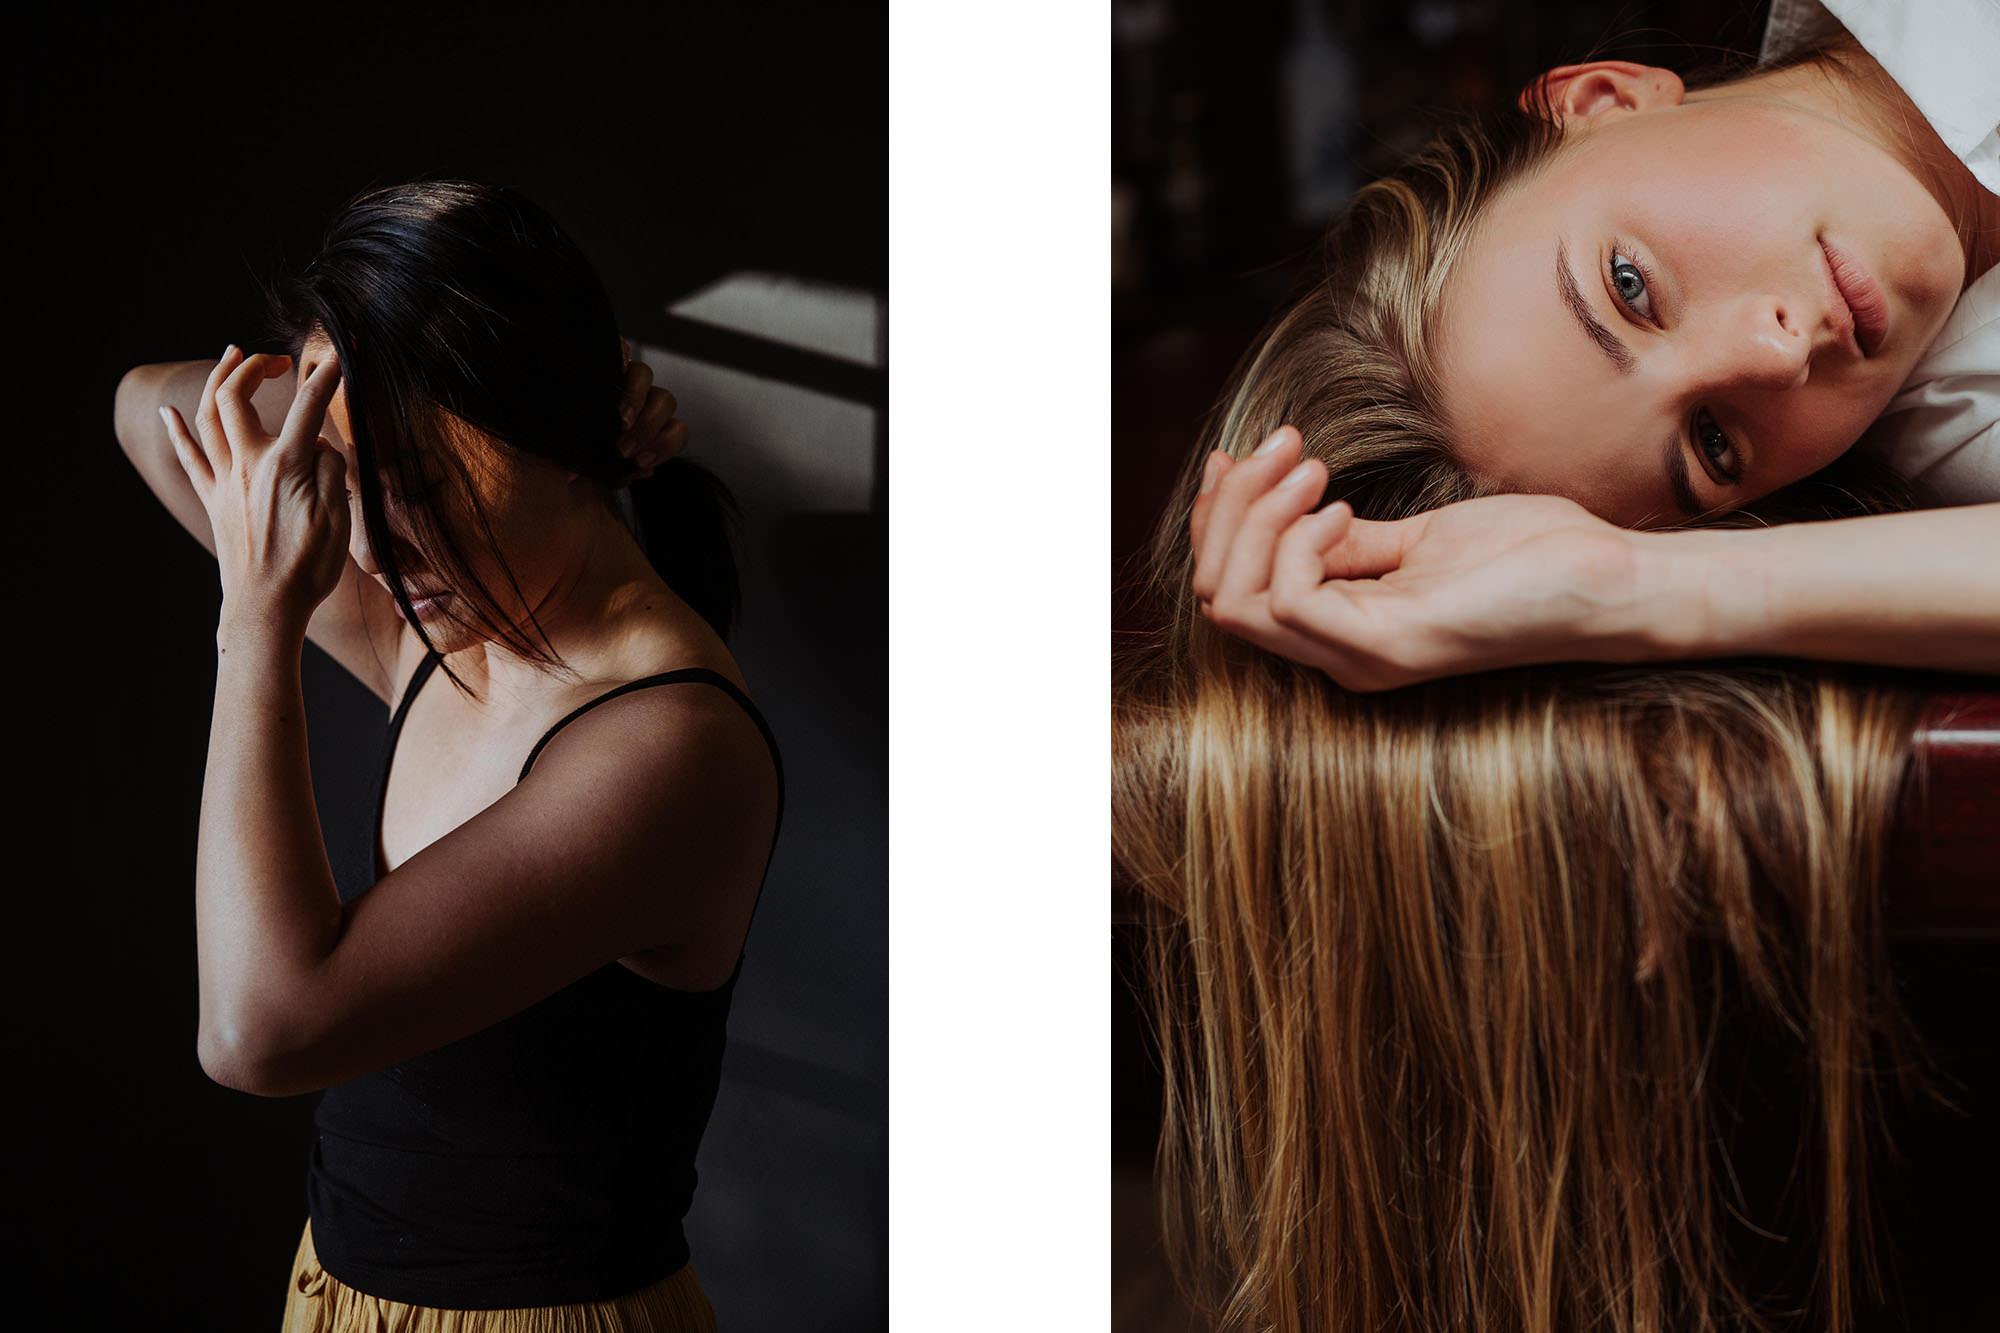 Two portrait alongside one another each of female models taken in beautiful window lighting